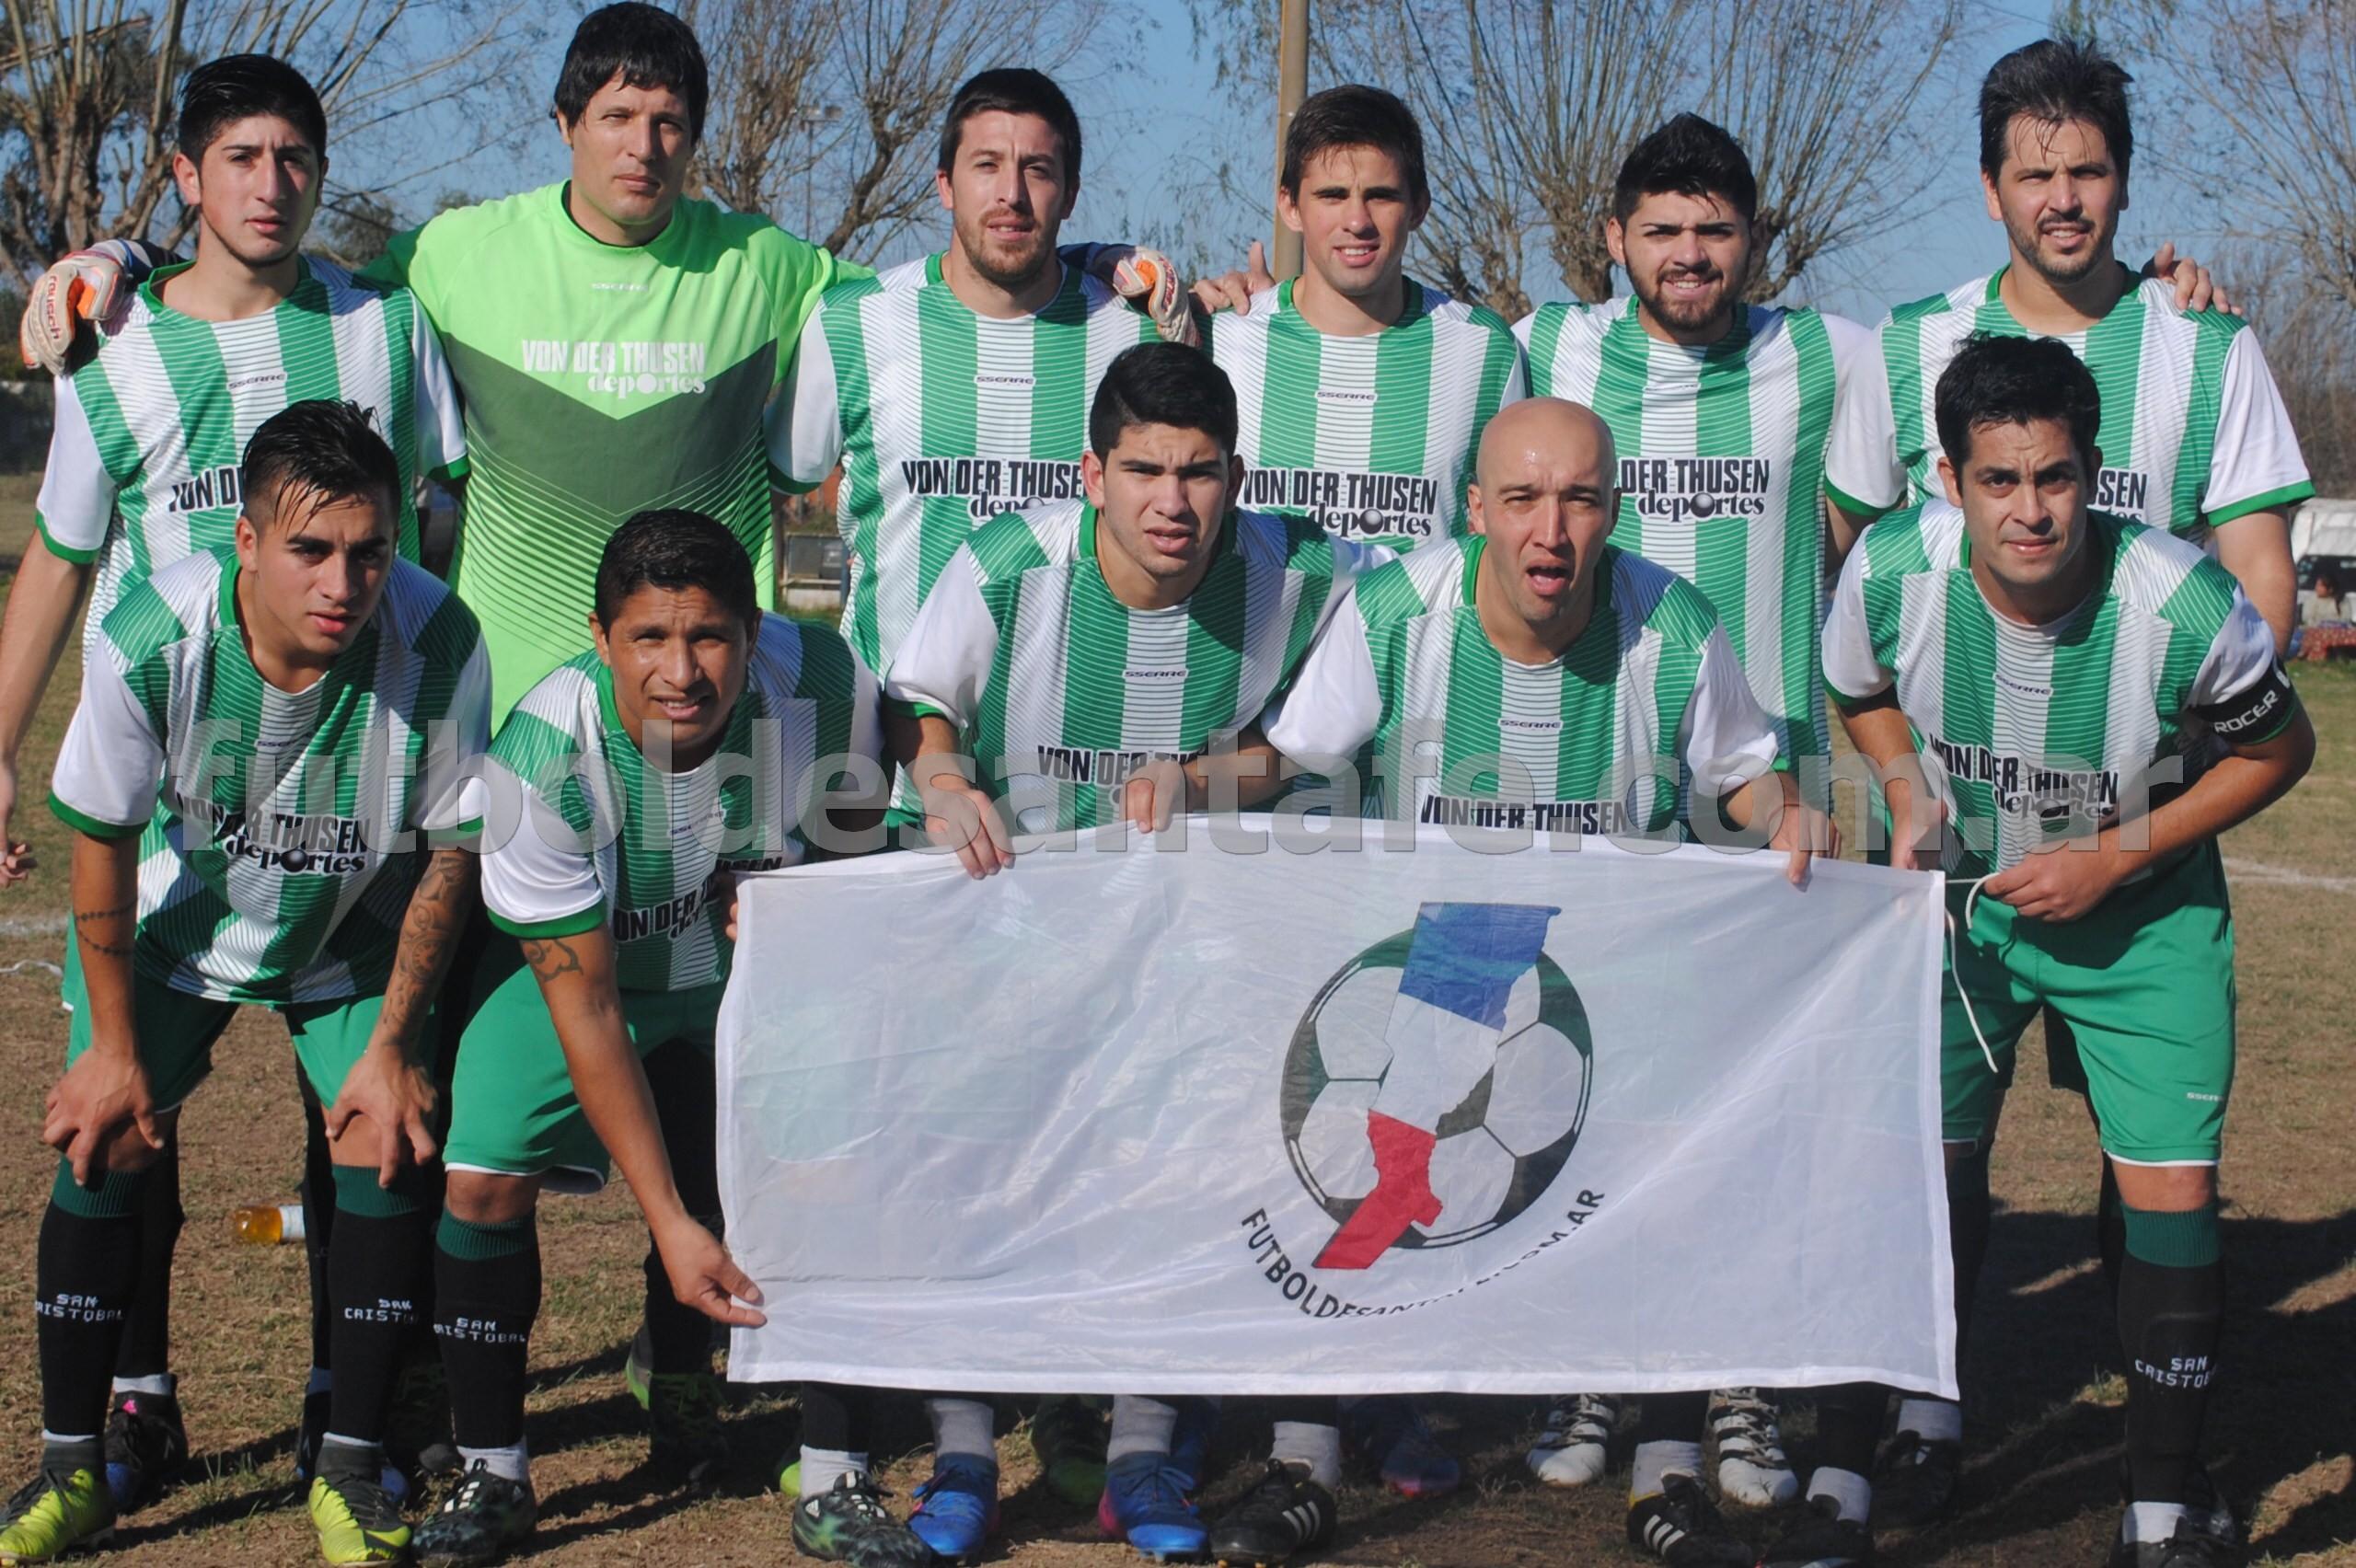 Deportivo Nobleza 0 - San Cristóbal 1 (la crónica)